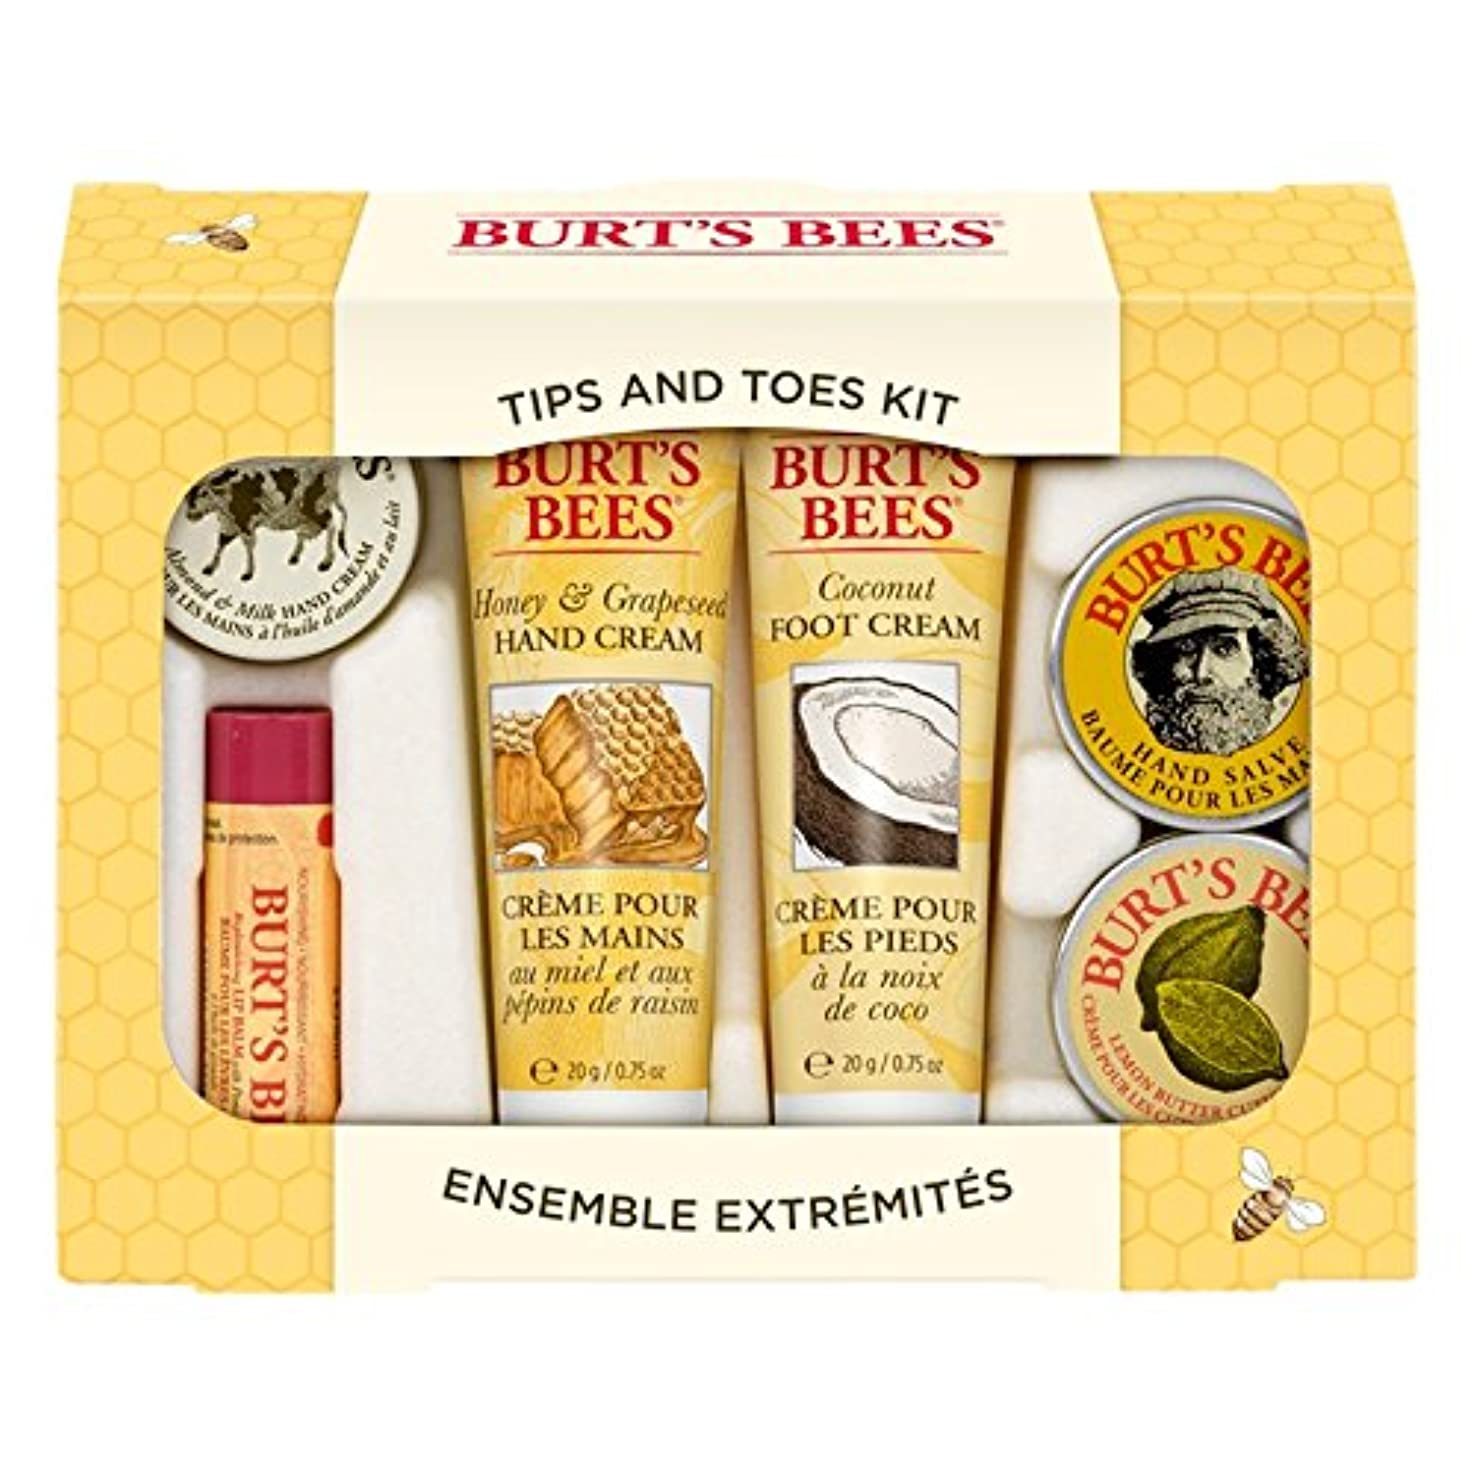 むしゃむしゃ泣き叫ぶ物足りないバーツビーのヒントとつま先はスターターキットをスキンケア (Burt's Bees) (x6) - Burt's Bees Tips And Toes Skincare Starter Kit (Pack of 6) [...